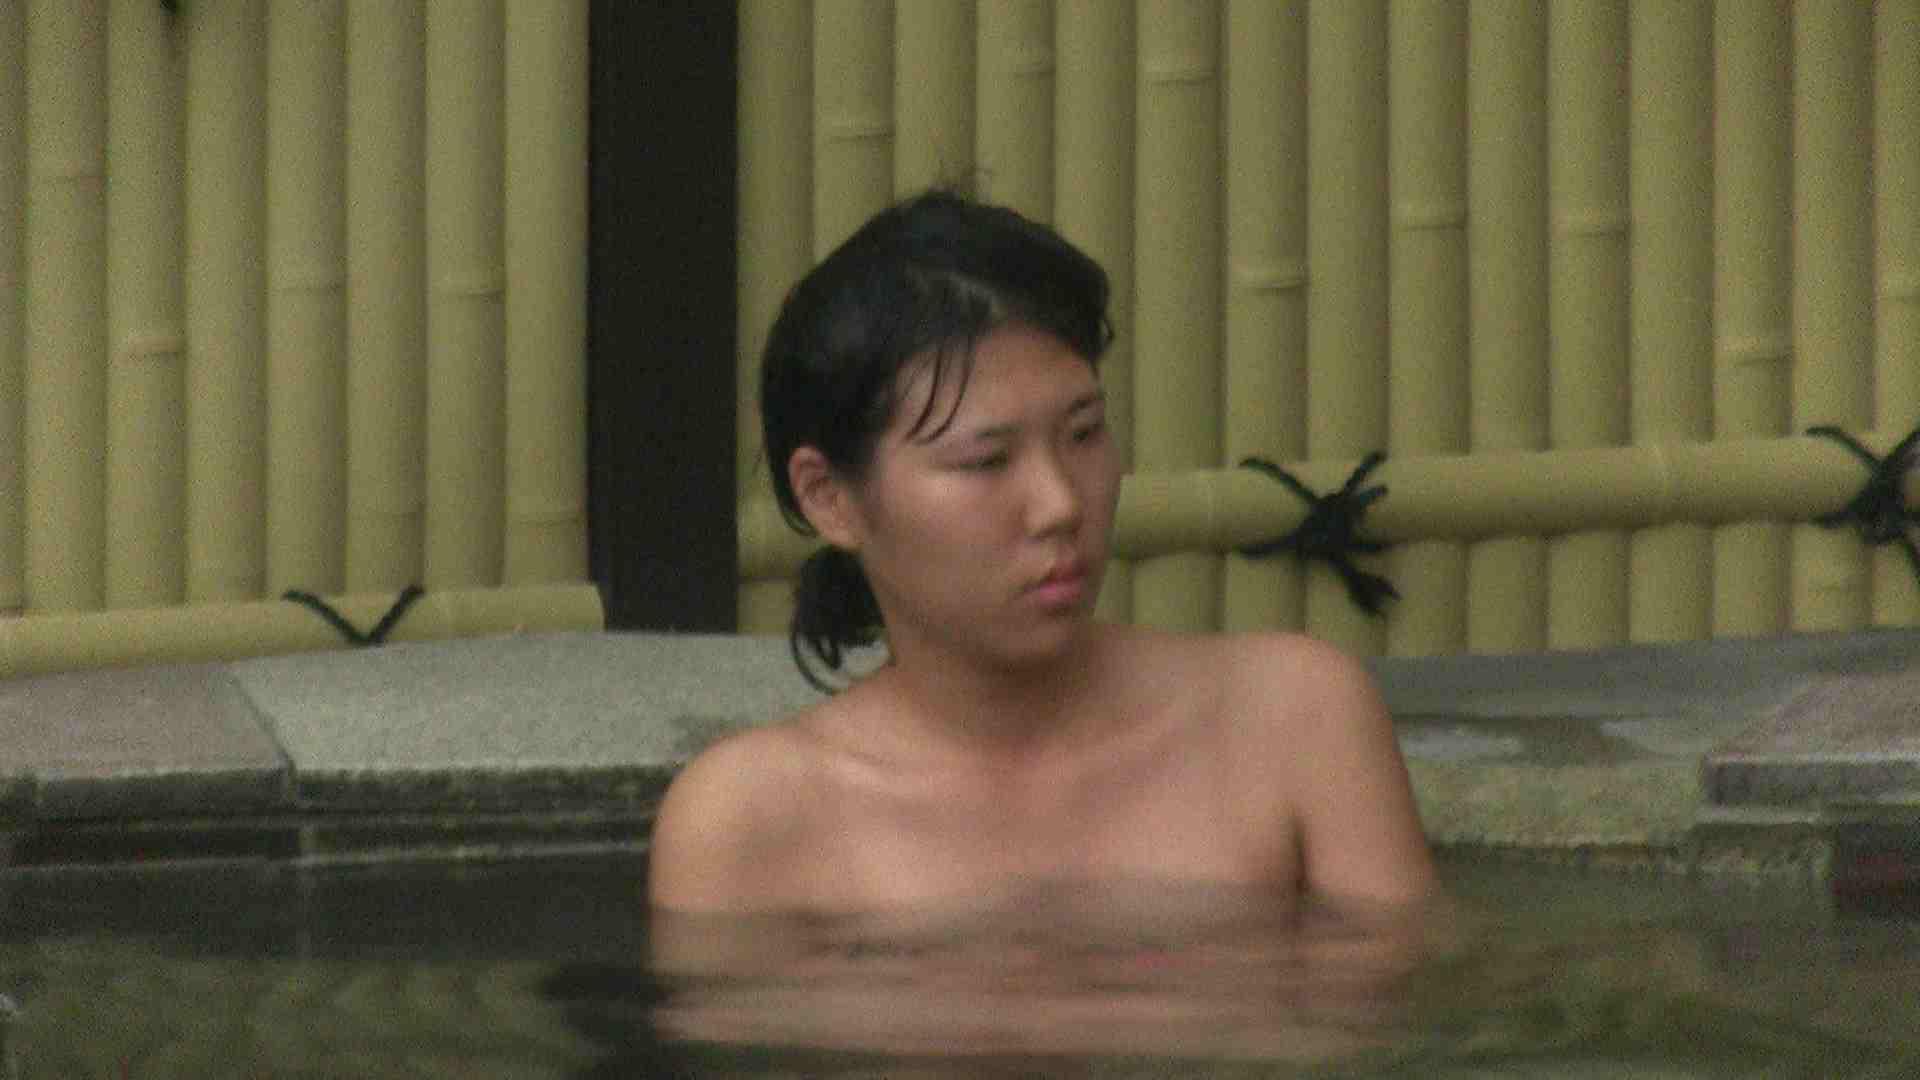 Aquaな露天風呂Vol.215 OLエロ画像   露天  70PICs 64